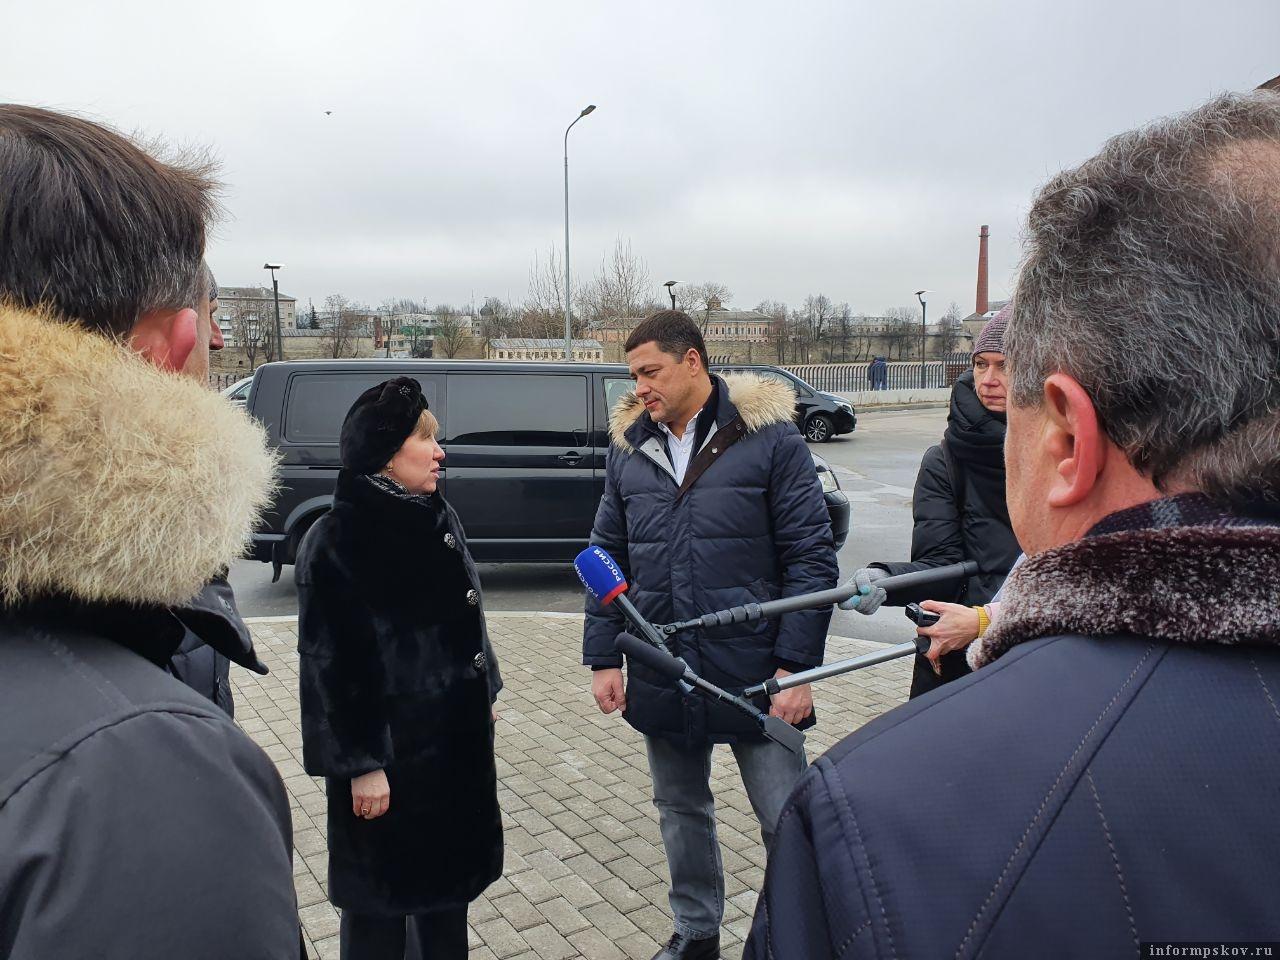 Псковский губернатор осмотрел кампус ПсковГУ 15 февраля. Фото: Наталья Оглоблина.